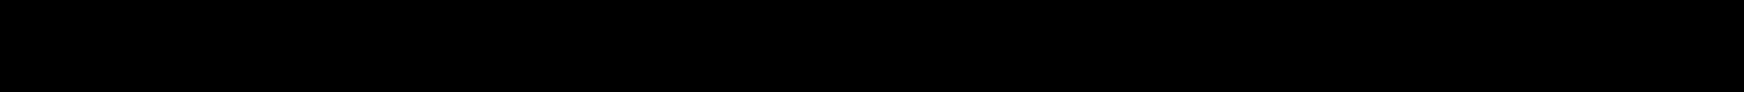 UnitSlabOffcPro-Light.ttf